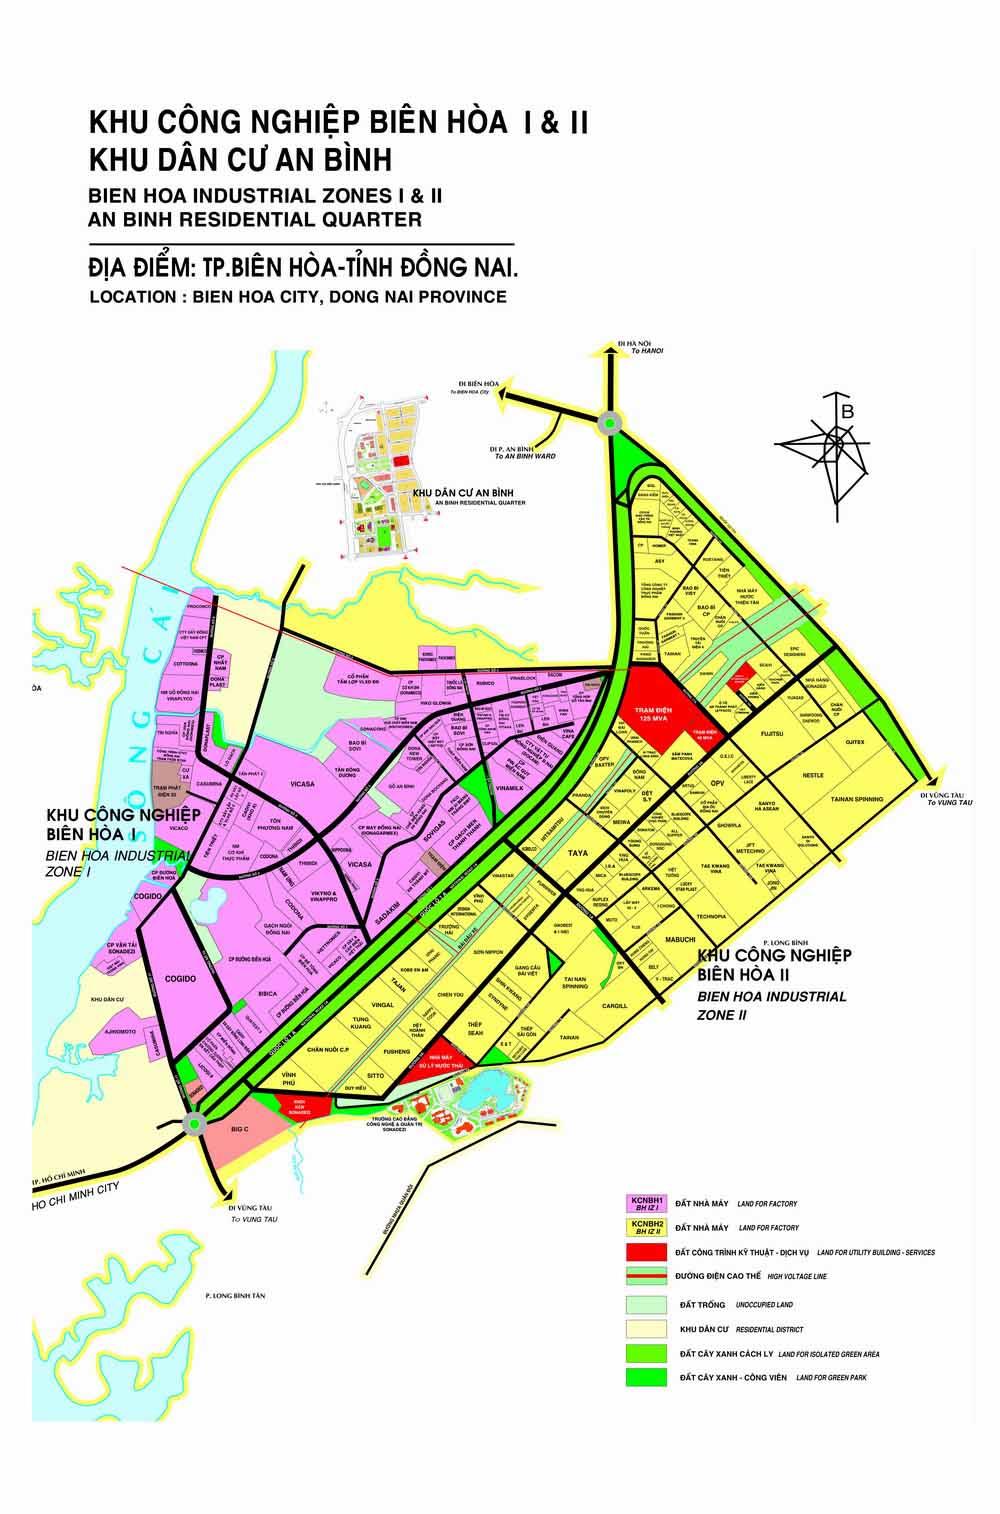 3 phương án di dời KCN Biên Hòa 1 để làm khu đô thị 324 ha